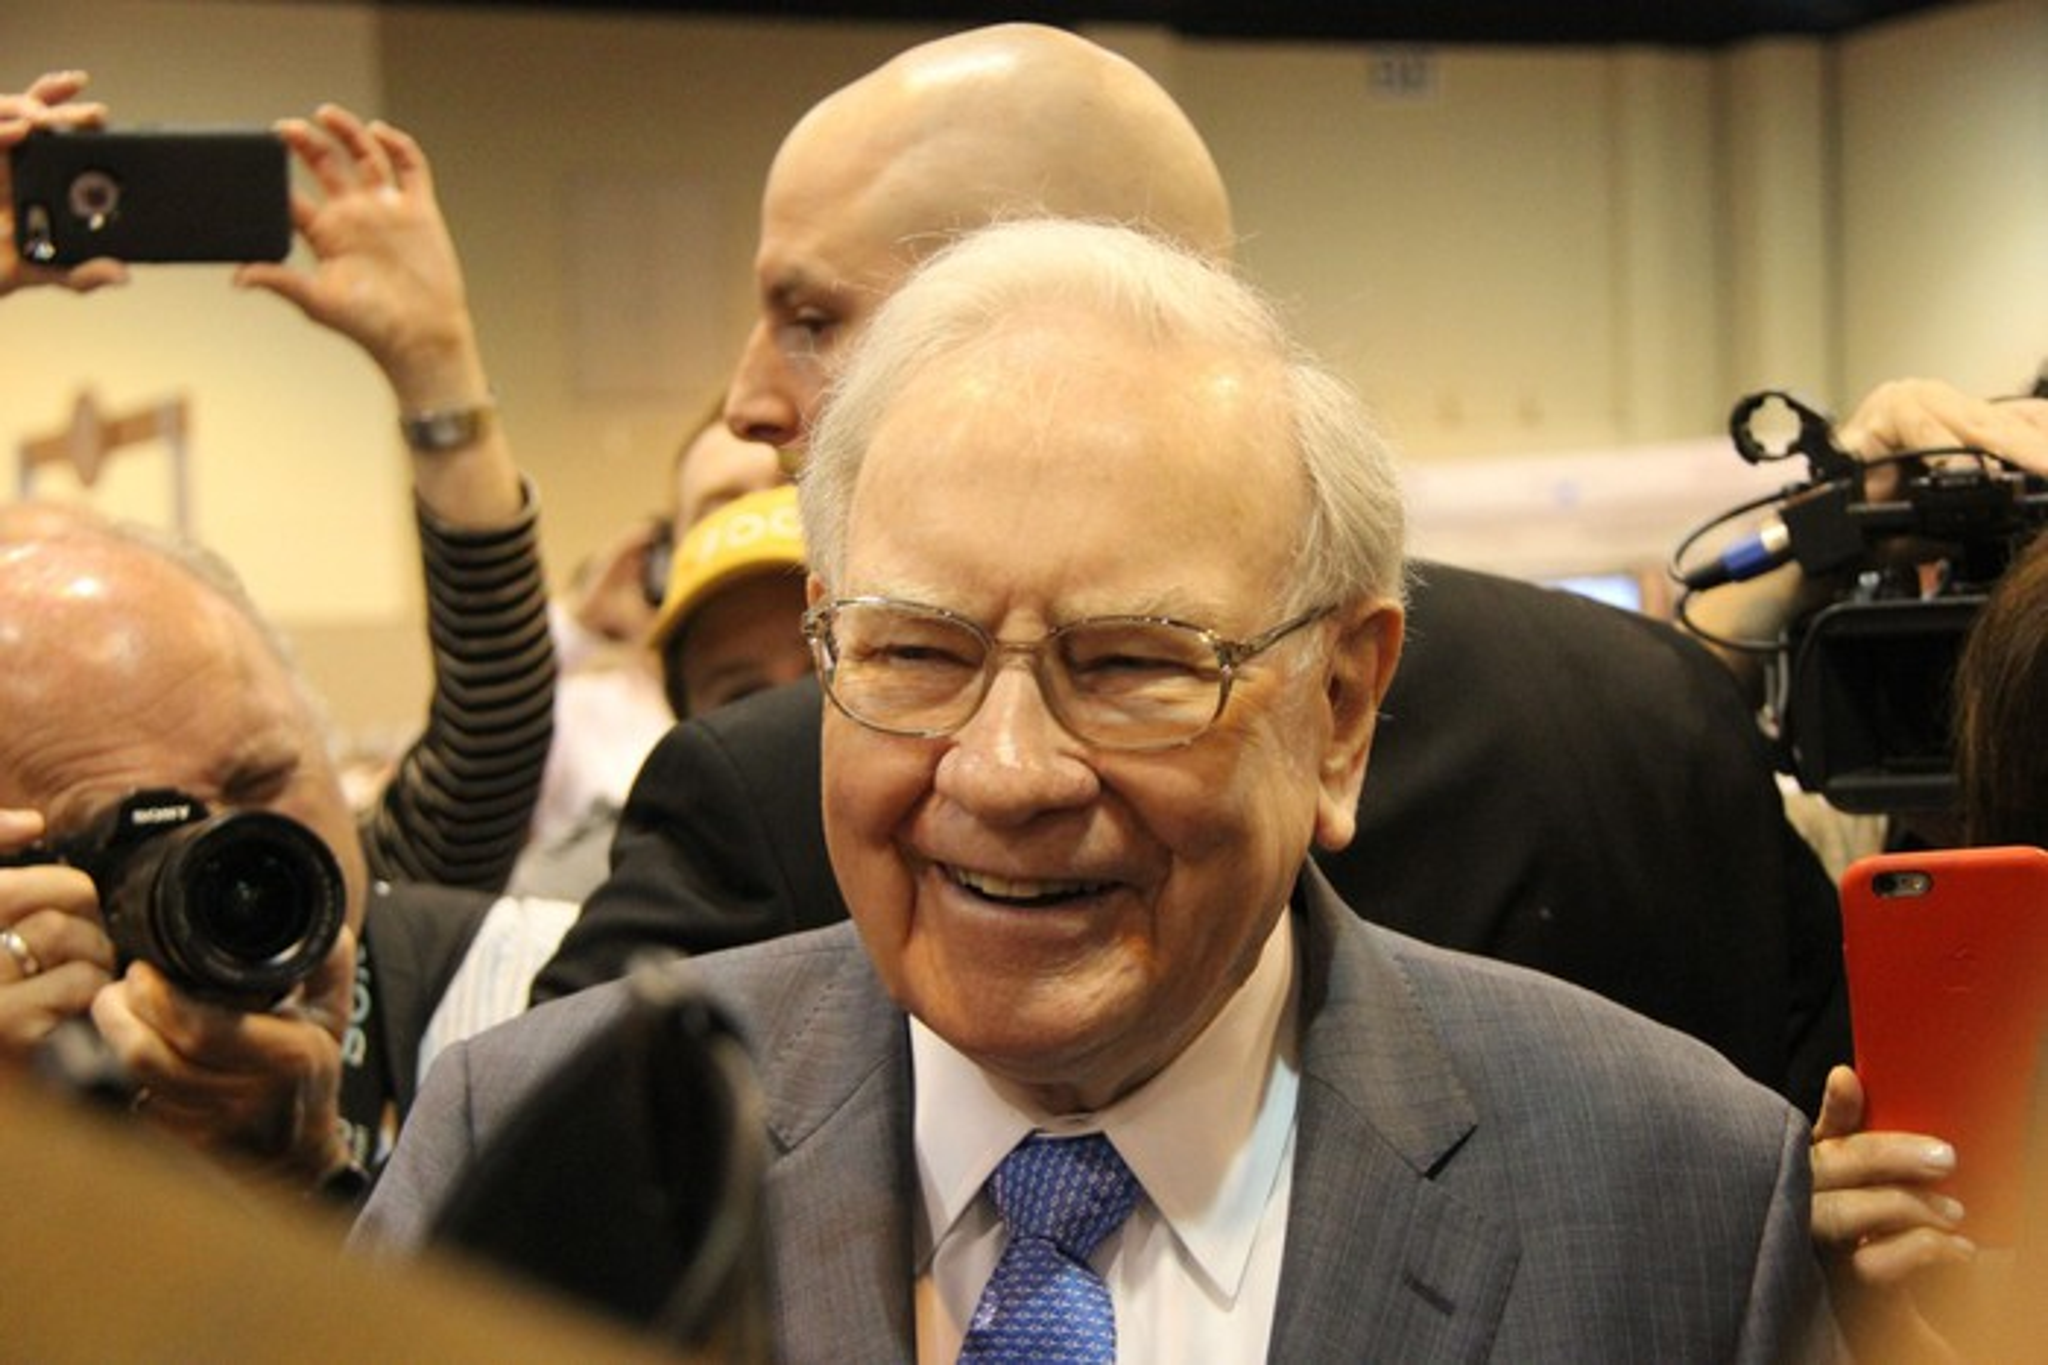 Warren Buffett speaking with the media.